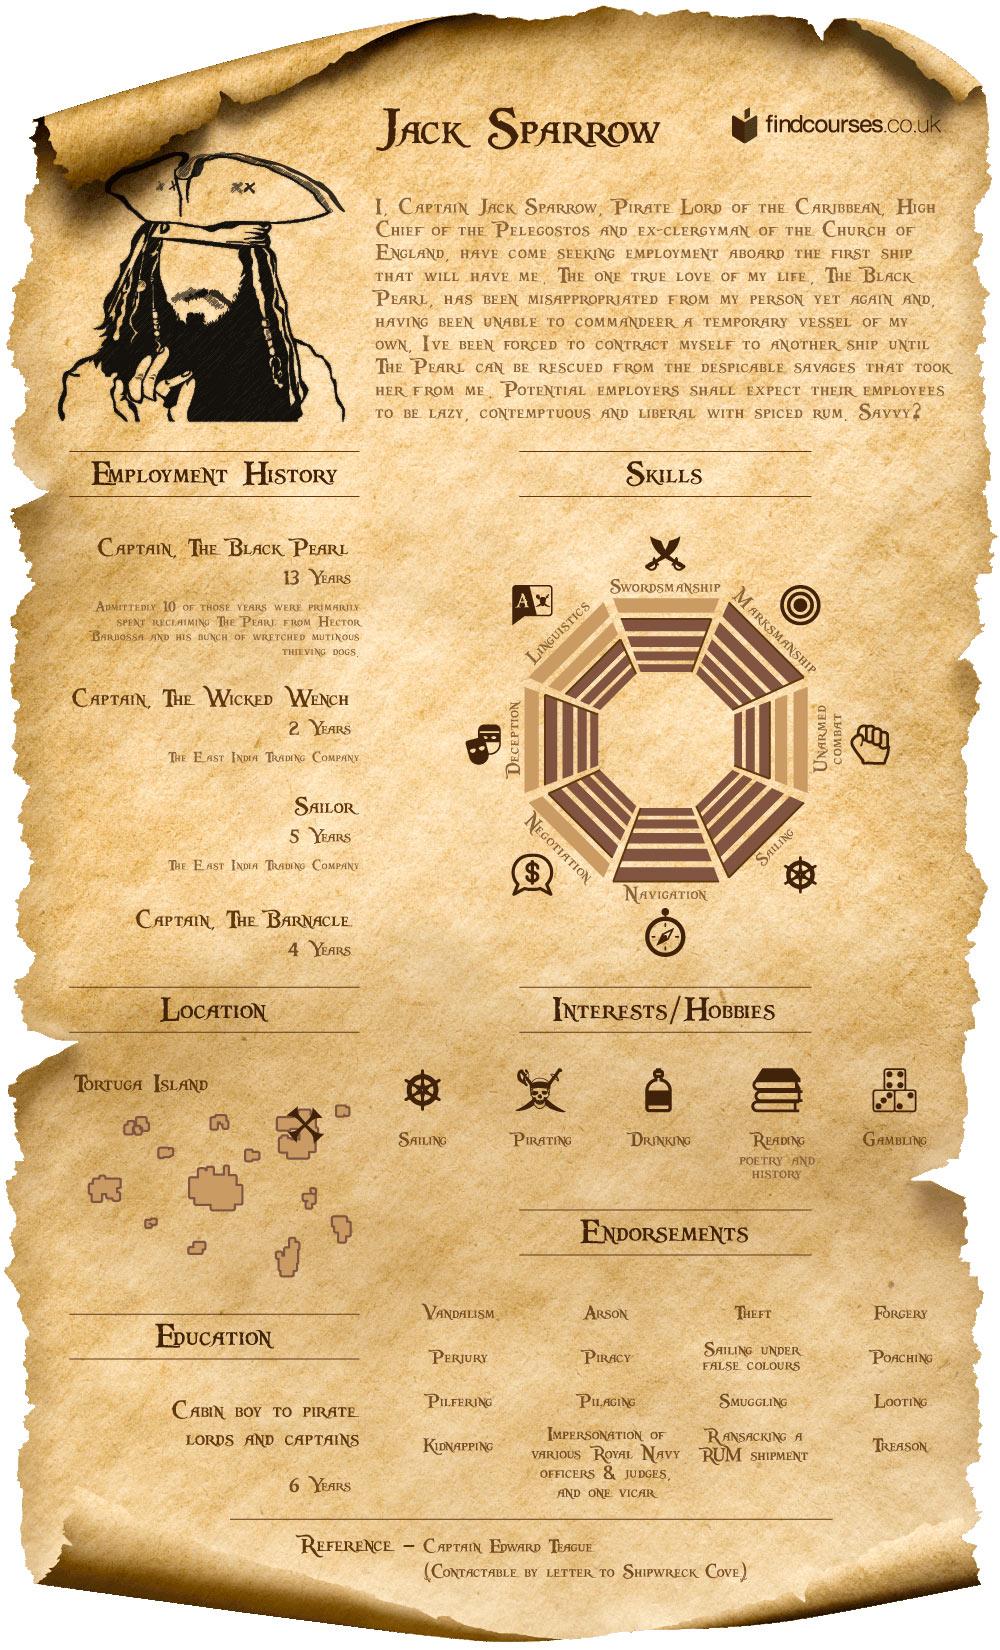 Captain Jack Sparrow CV